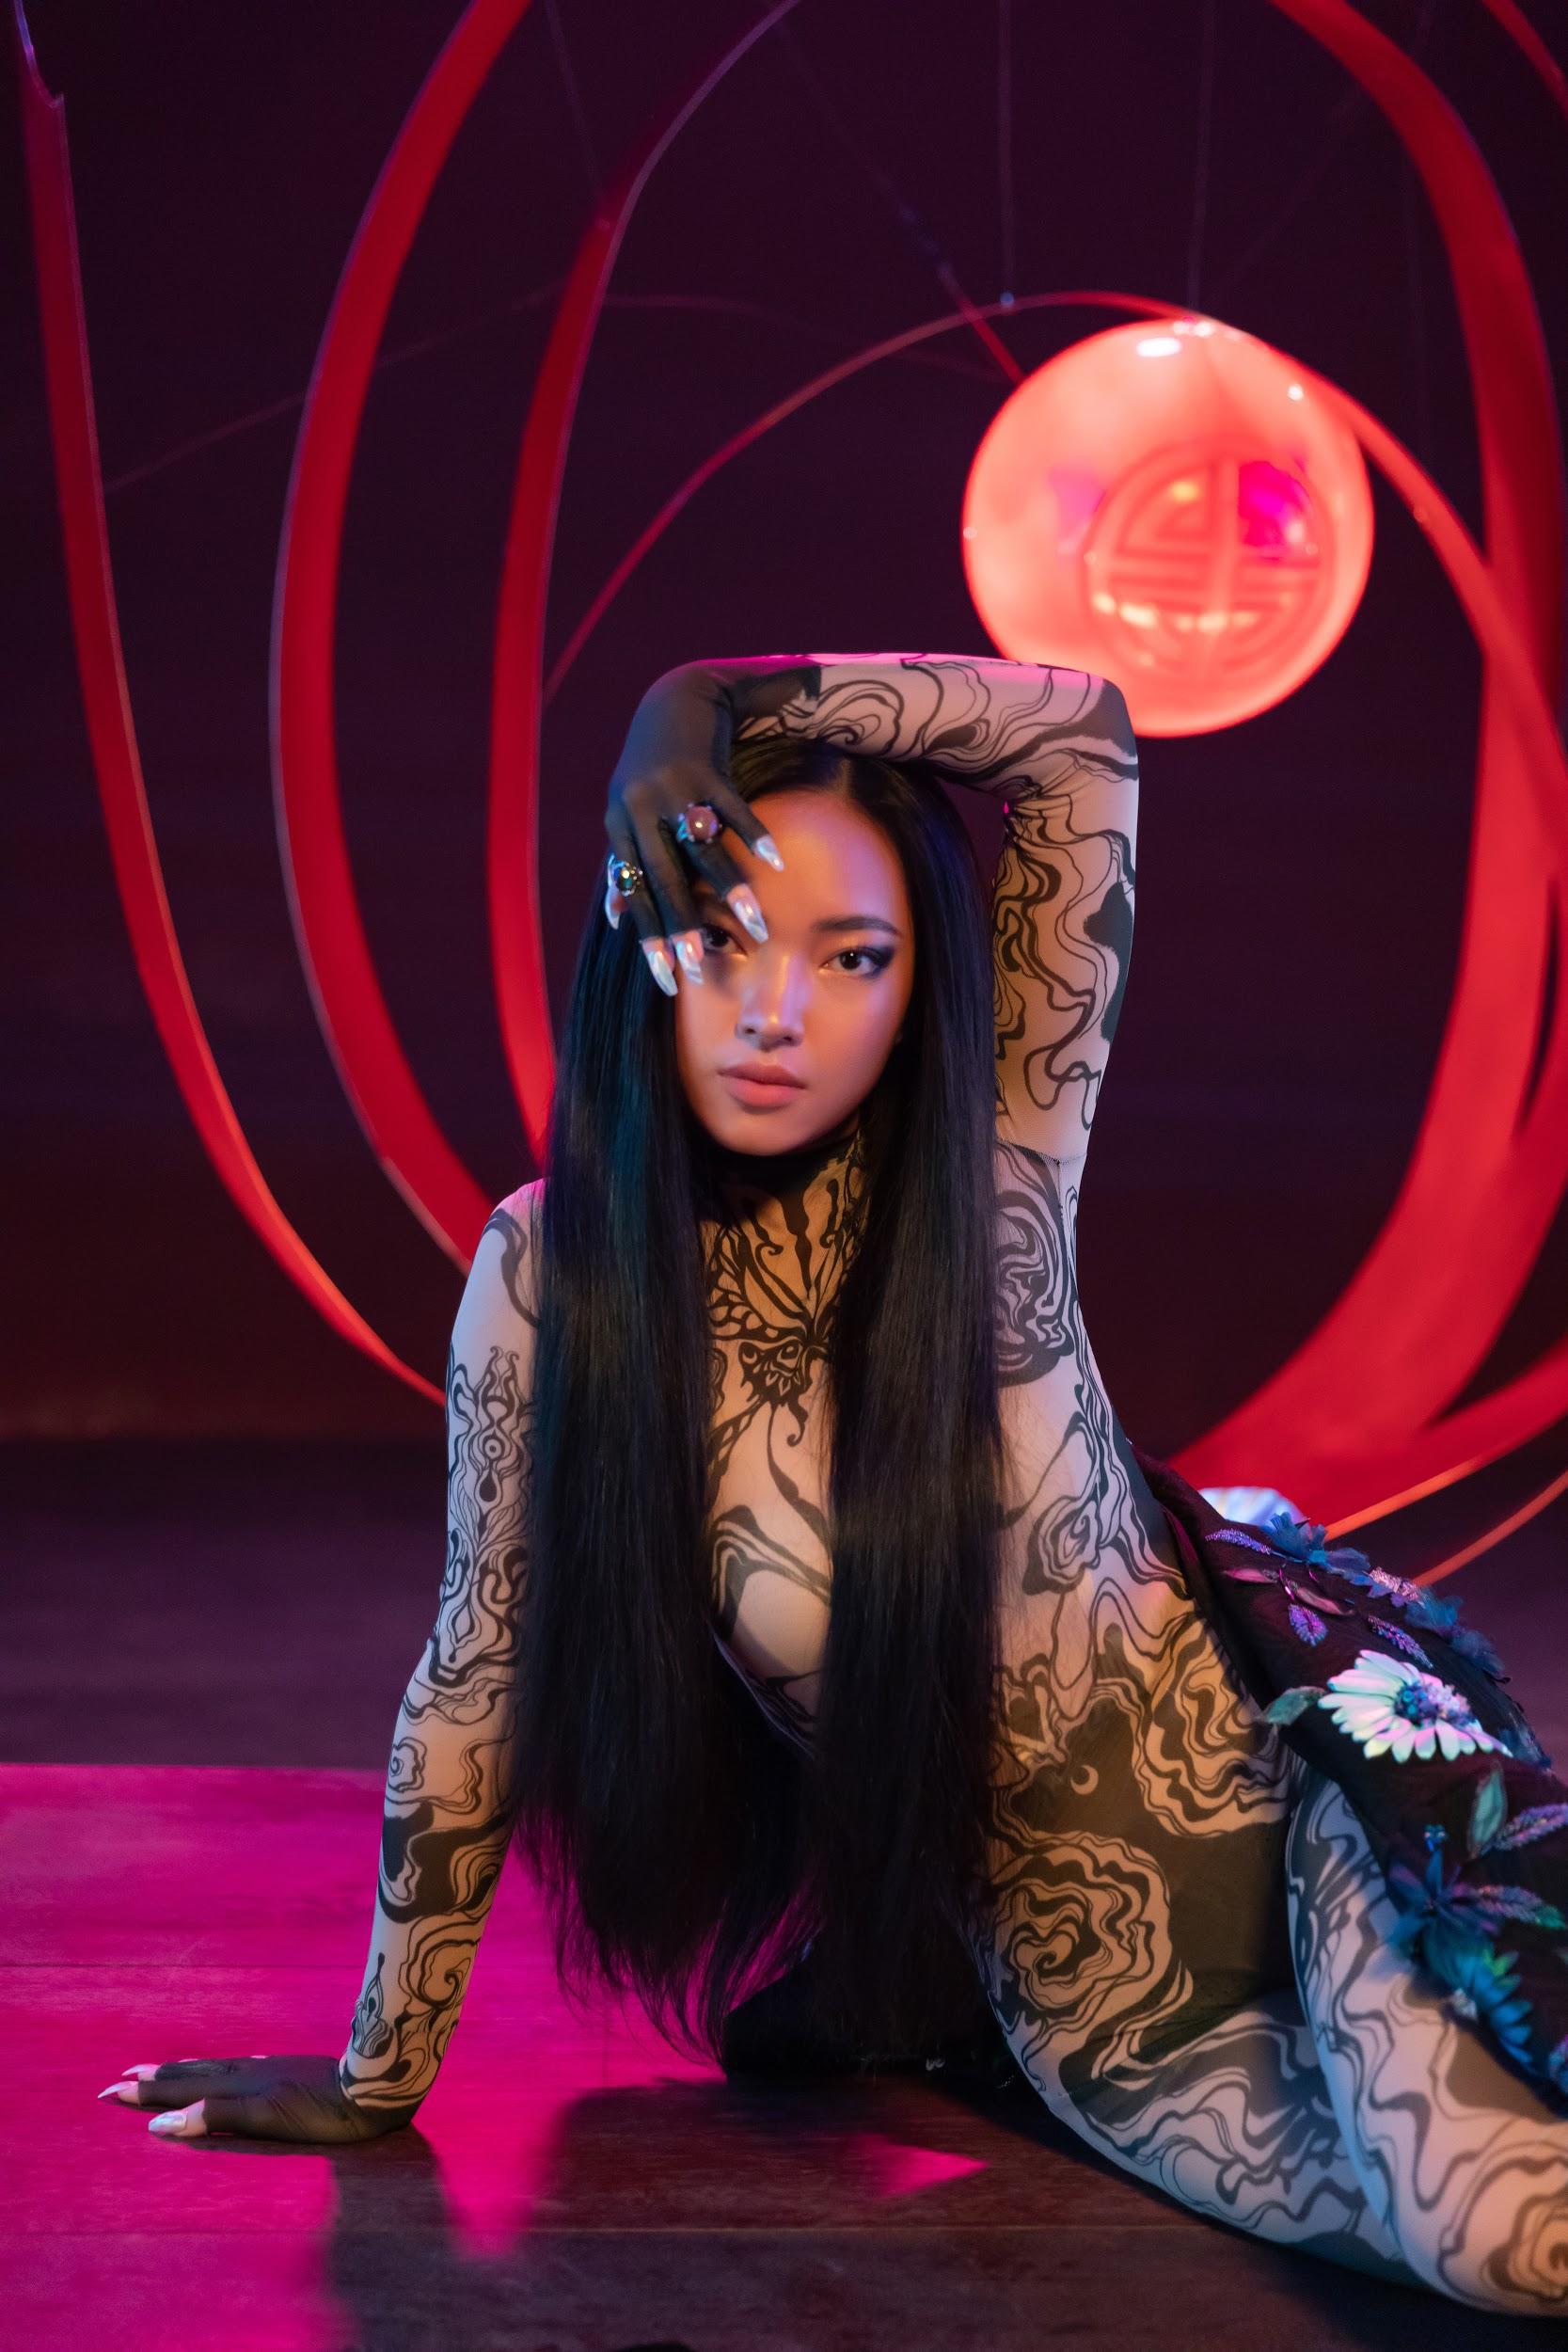 """MV JUUN D x Châu Bùi có gì hot: Chàng thì """"ngốc"""", nàng thì """"bốc"""" và style đều rất """"sốc""""! - Ảnh 7."""